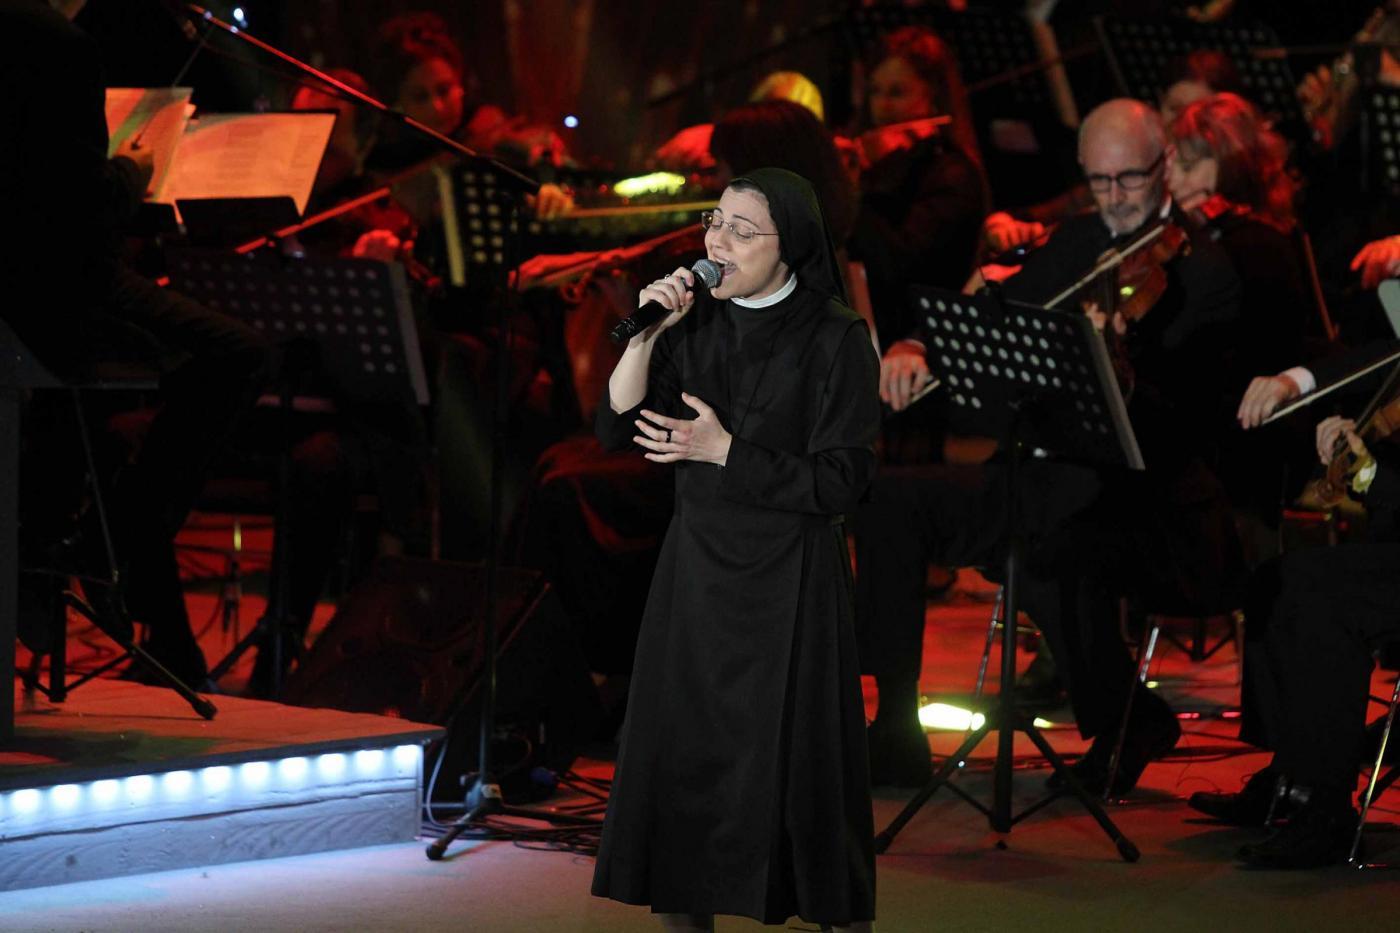 Anna Tatangelo e Suor Cristina insieme: duetto sul palco del Pala Banco a Brescia